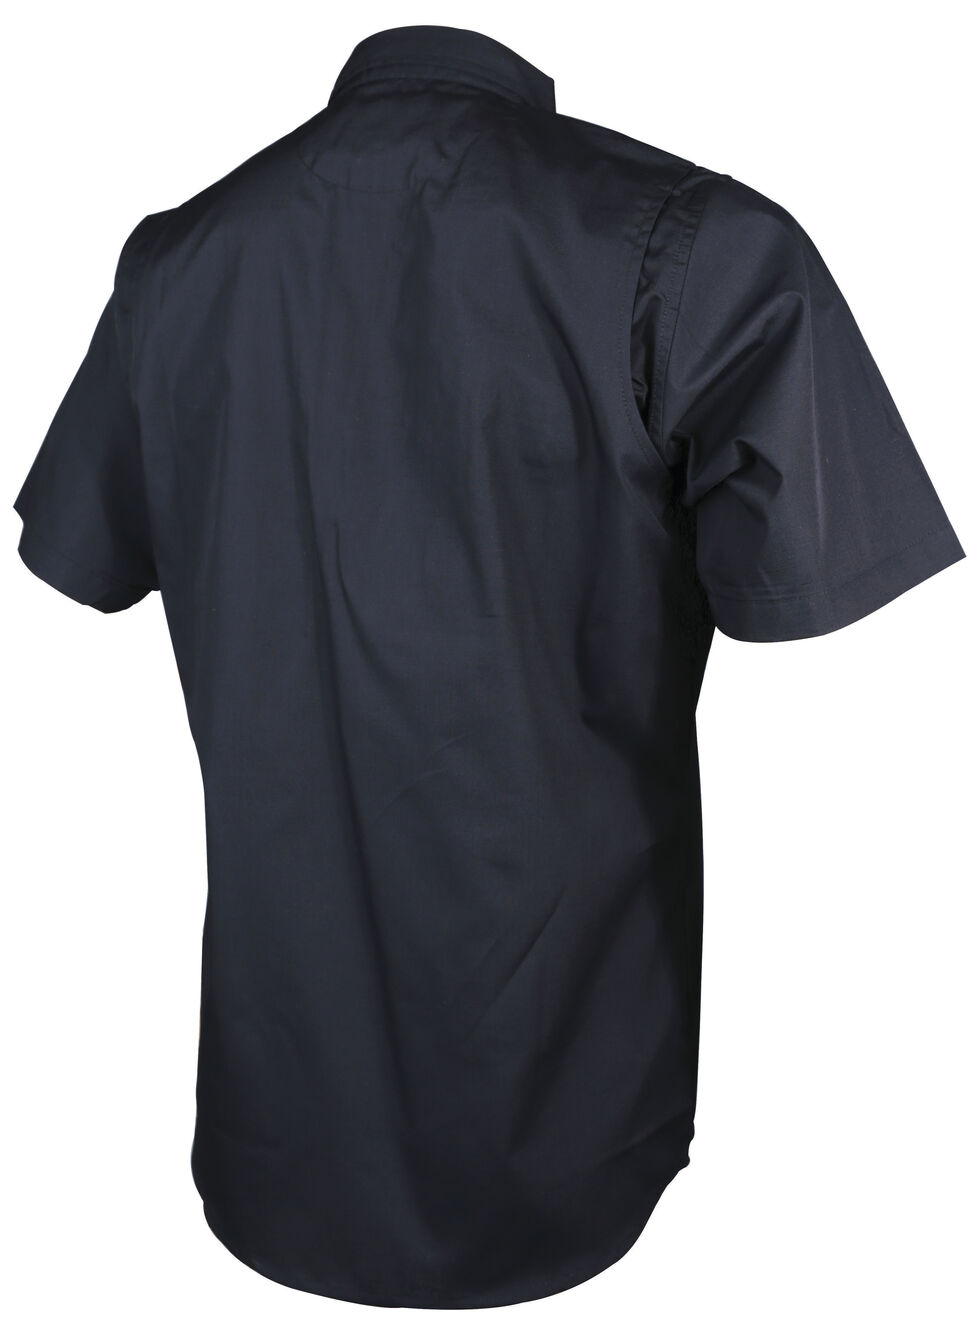 Tru-Spec Men's Black 24-7 Short Sleeve Dress Shirt , Black, hi-res